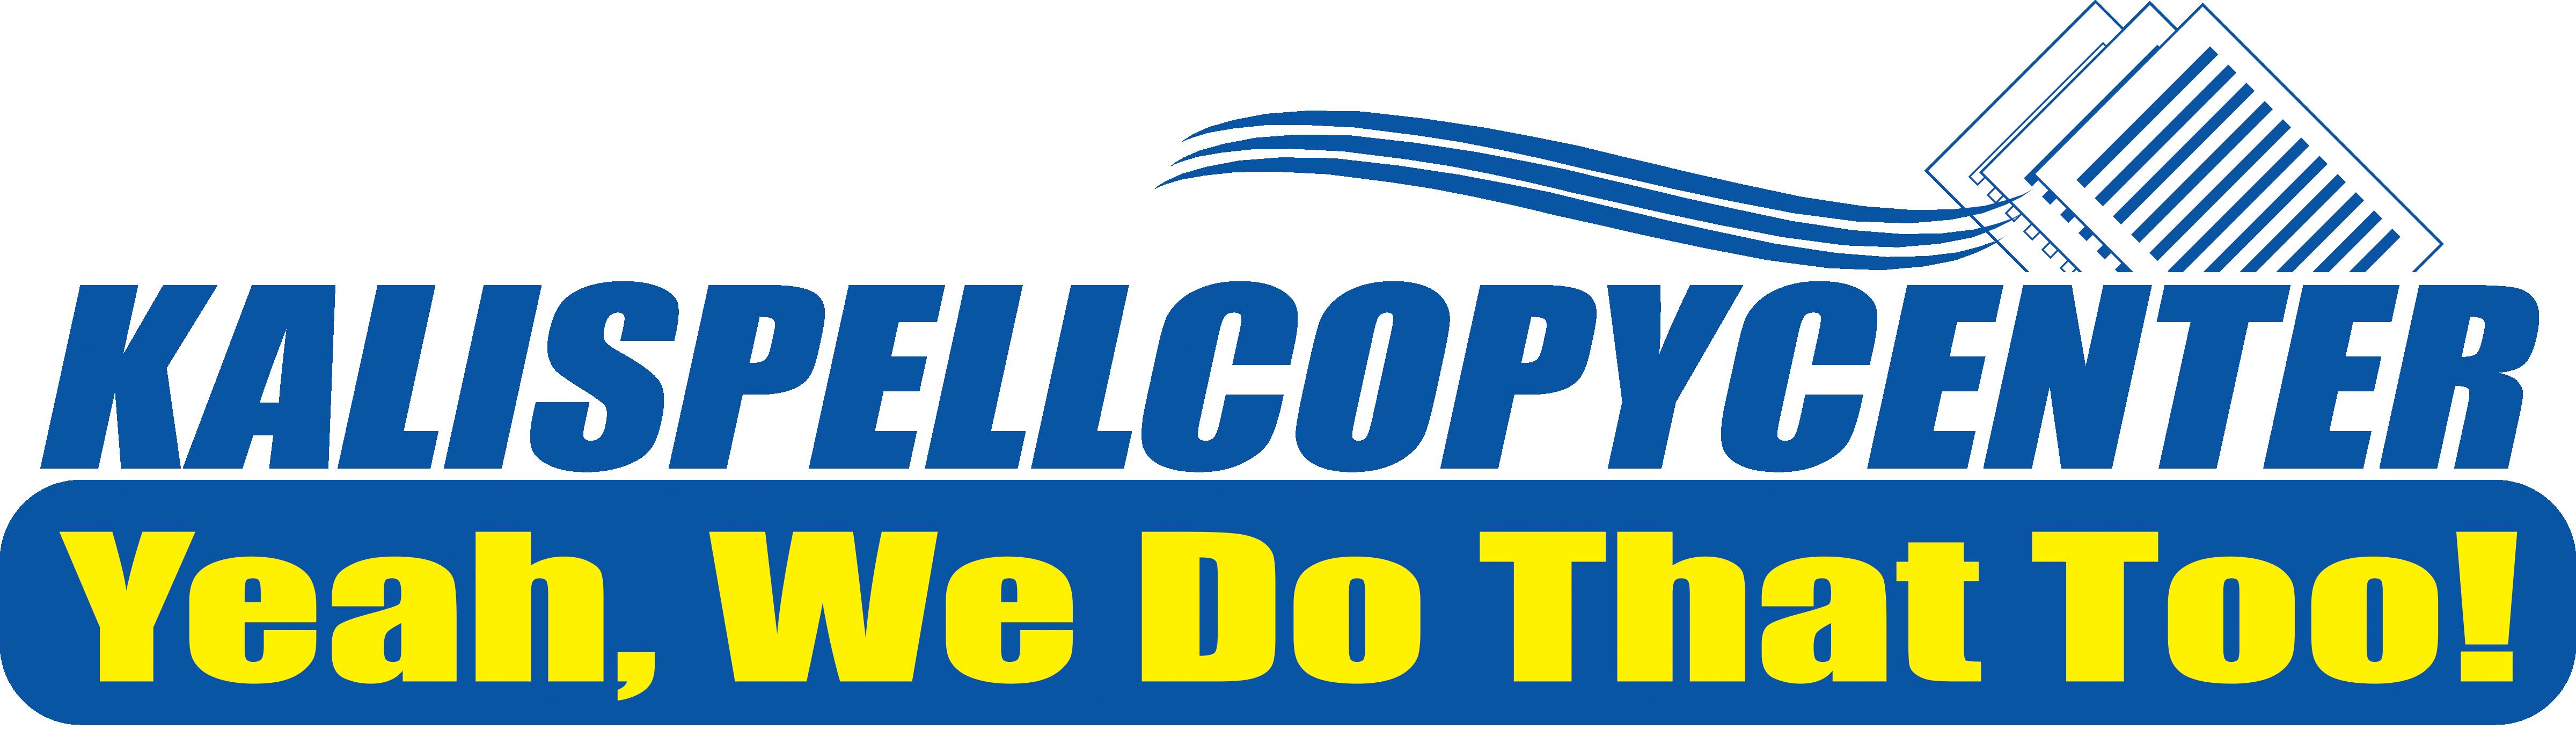 Kalispell Copy Center Catalog